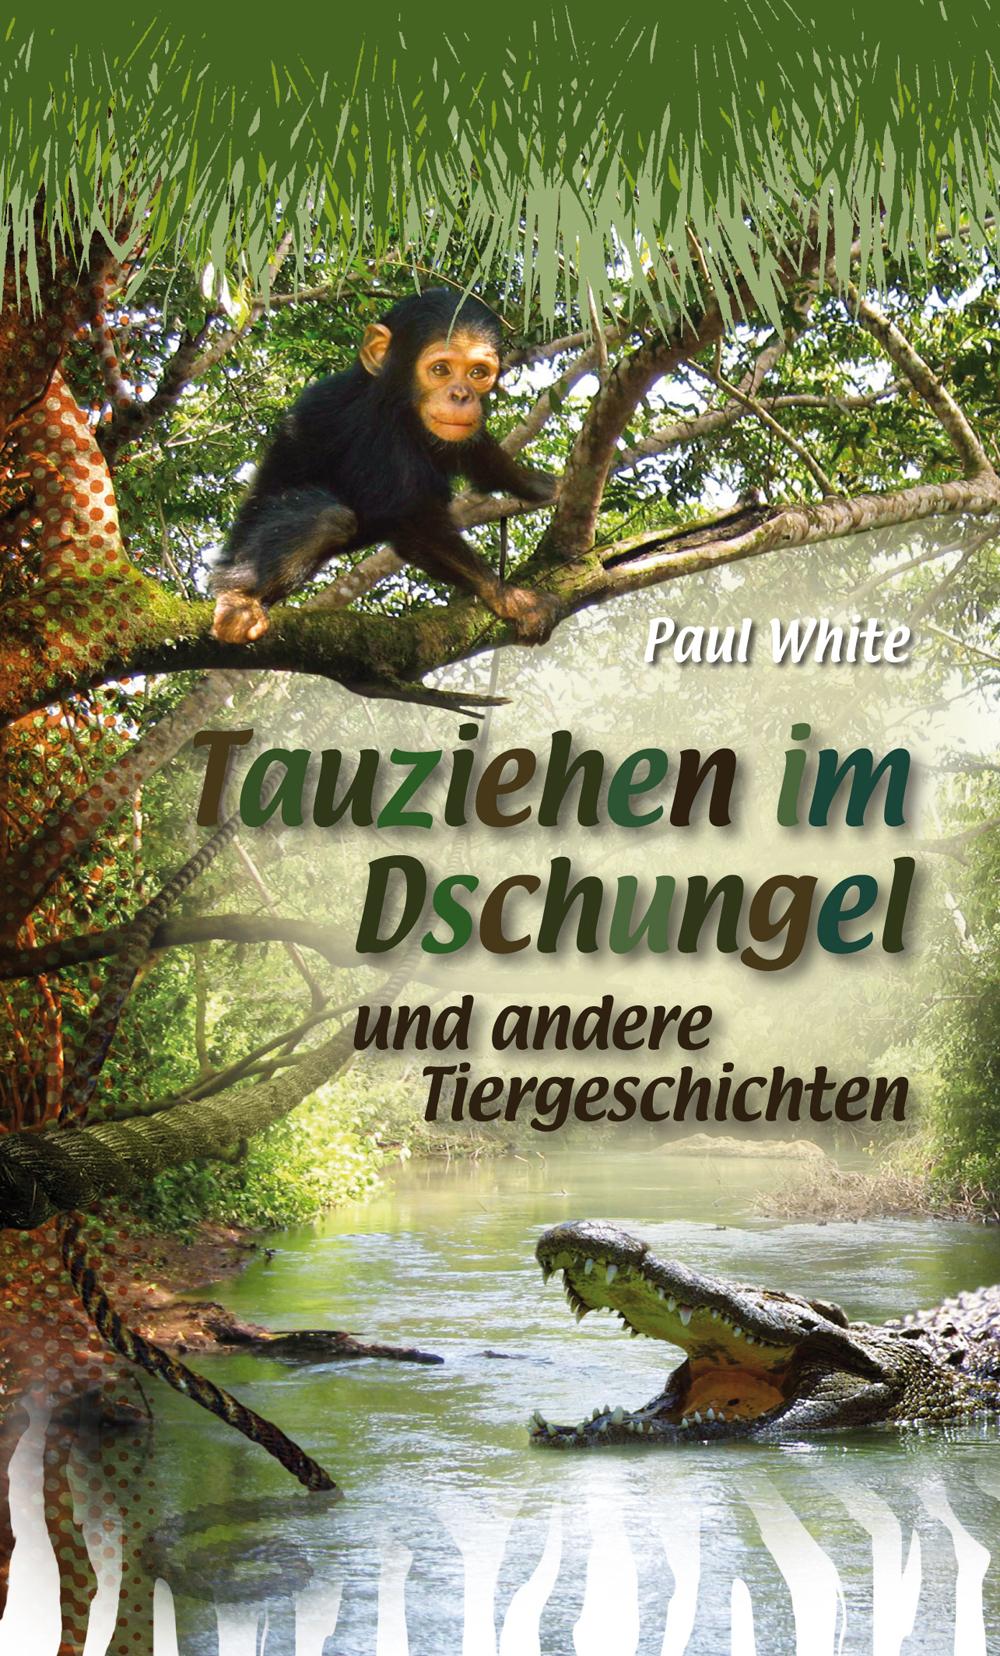 CLV_tauziehen-im-dschungel_paul-white_256116_1